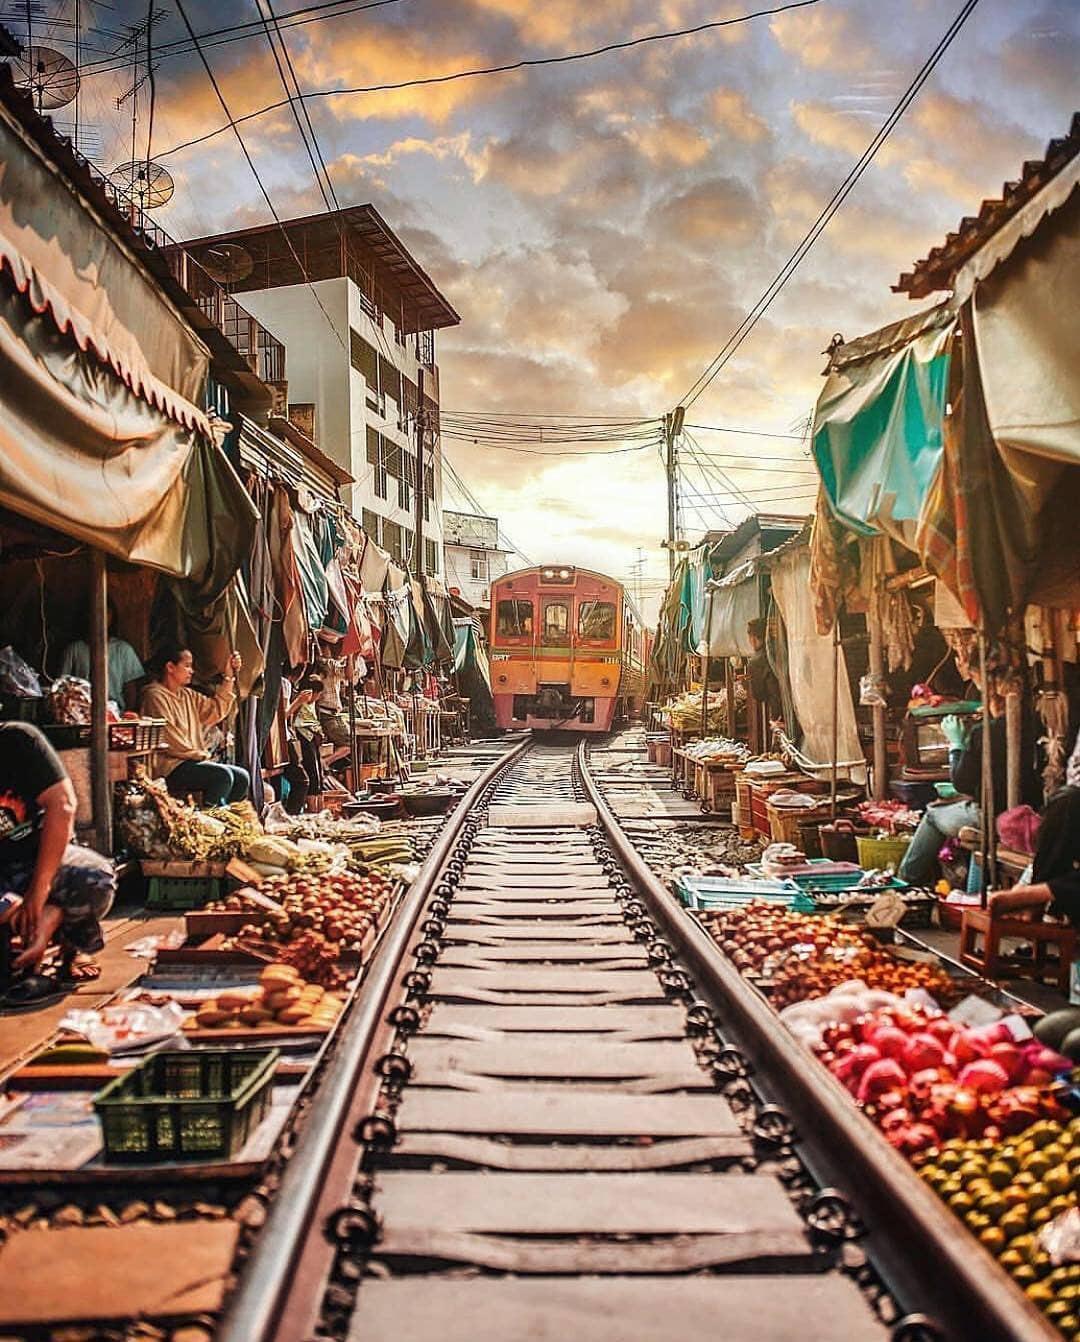 Đã dò ra đường đến khu chợ đường ray độc nhất vô nhị nằm ở ngoại ô Bangkok - Ảnh 1.